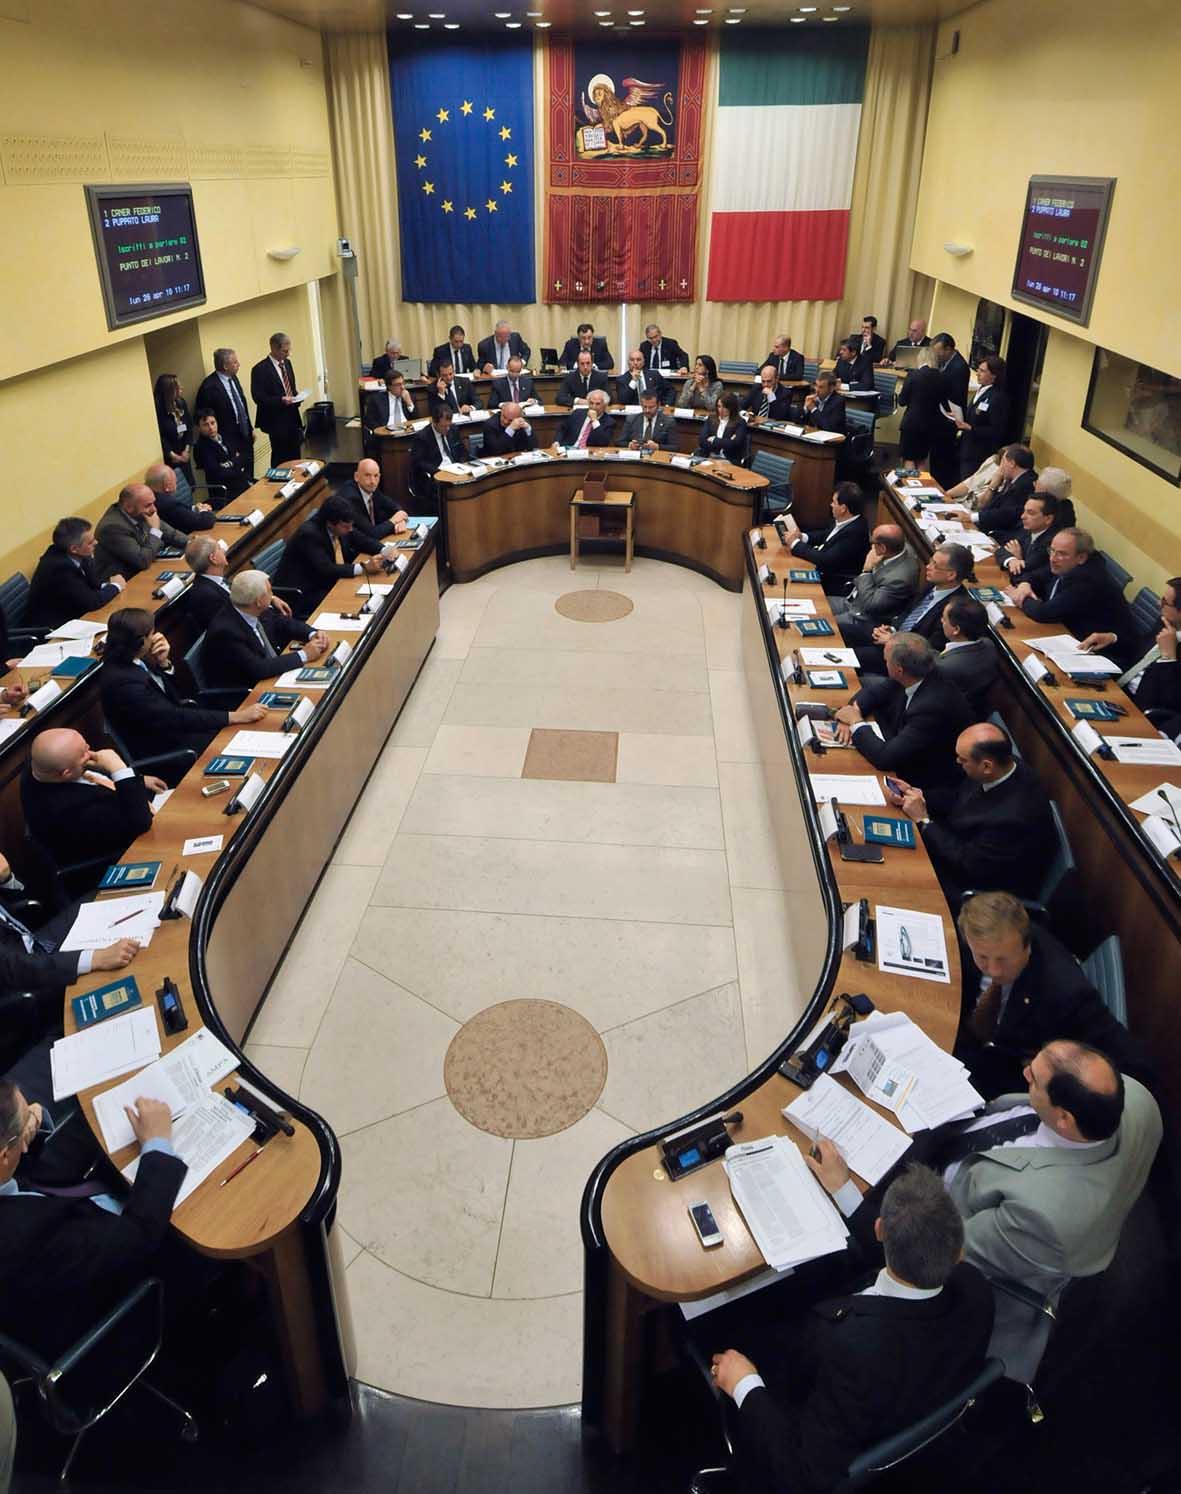 Consiglio regionale veneto aula con consiglieri 1